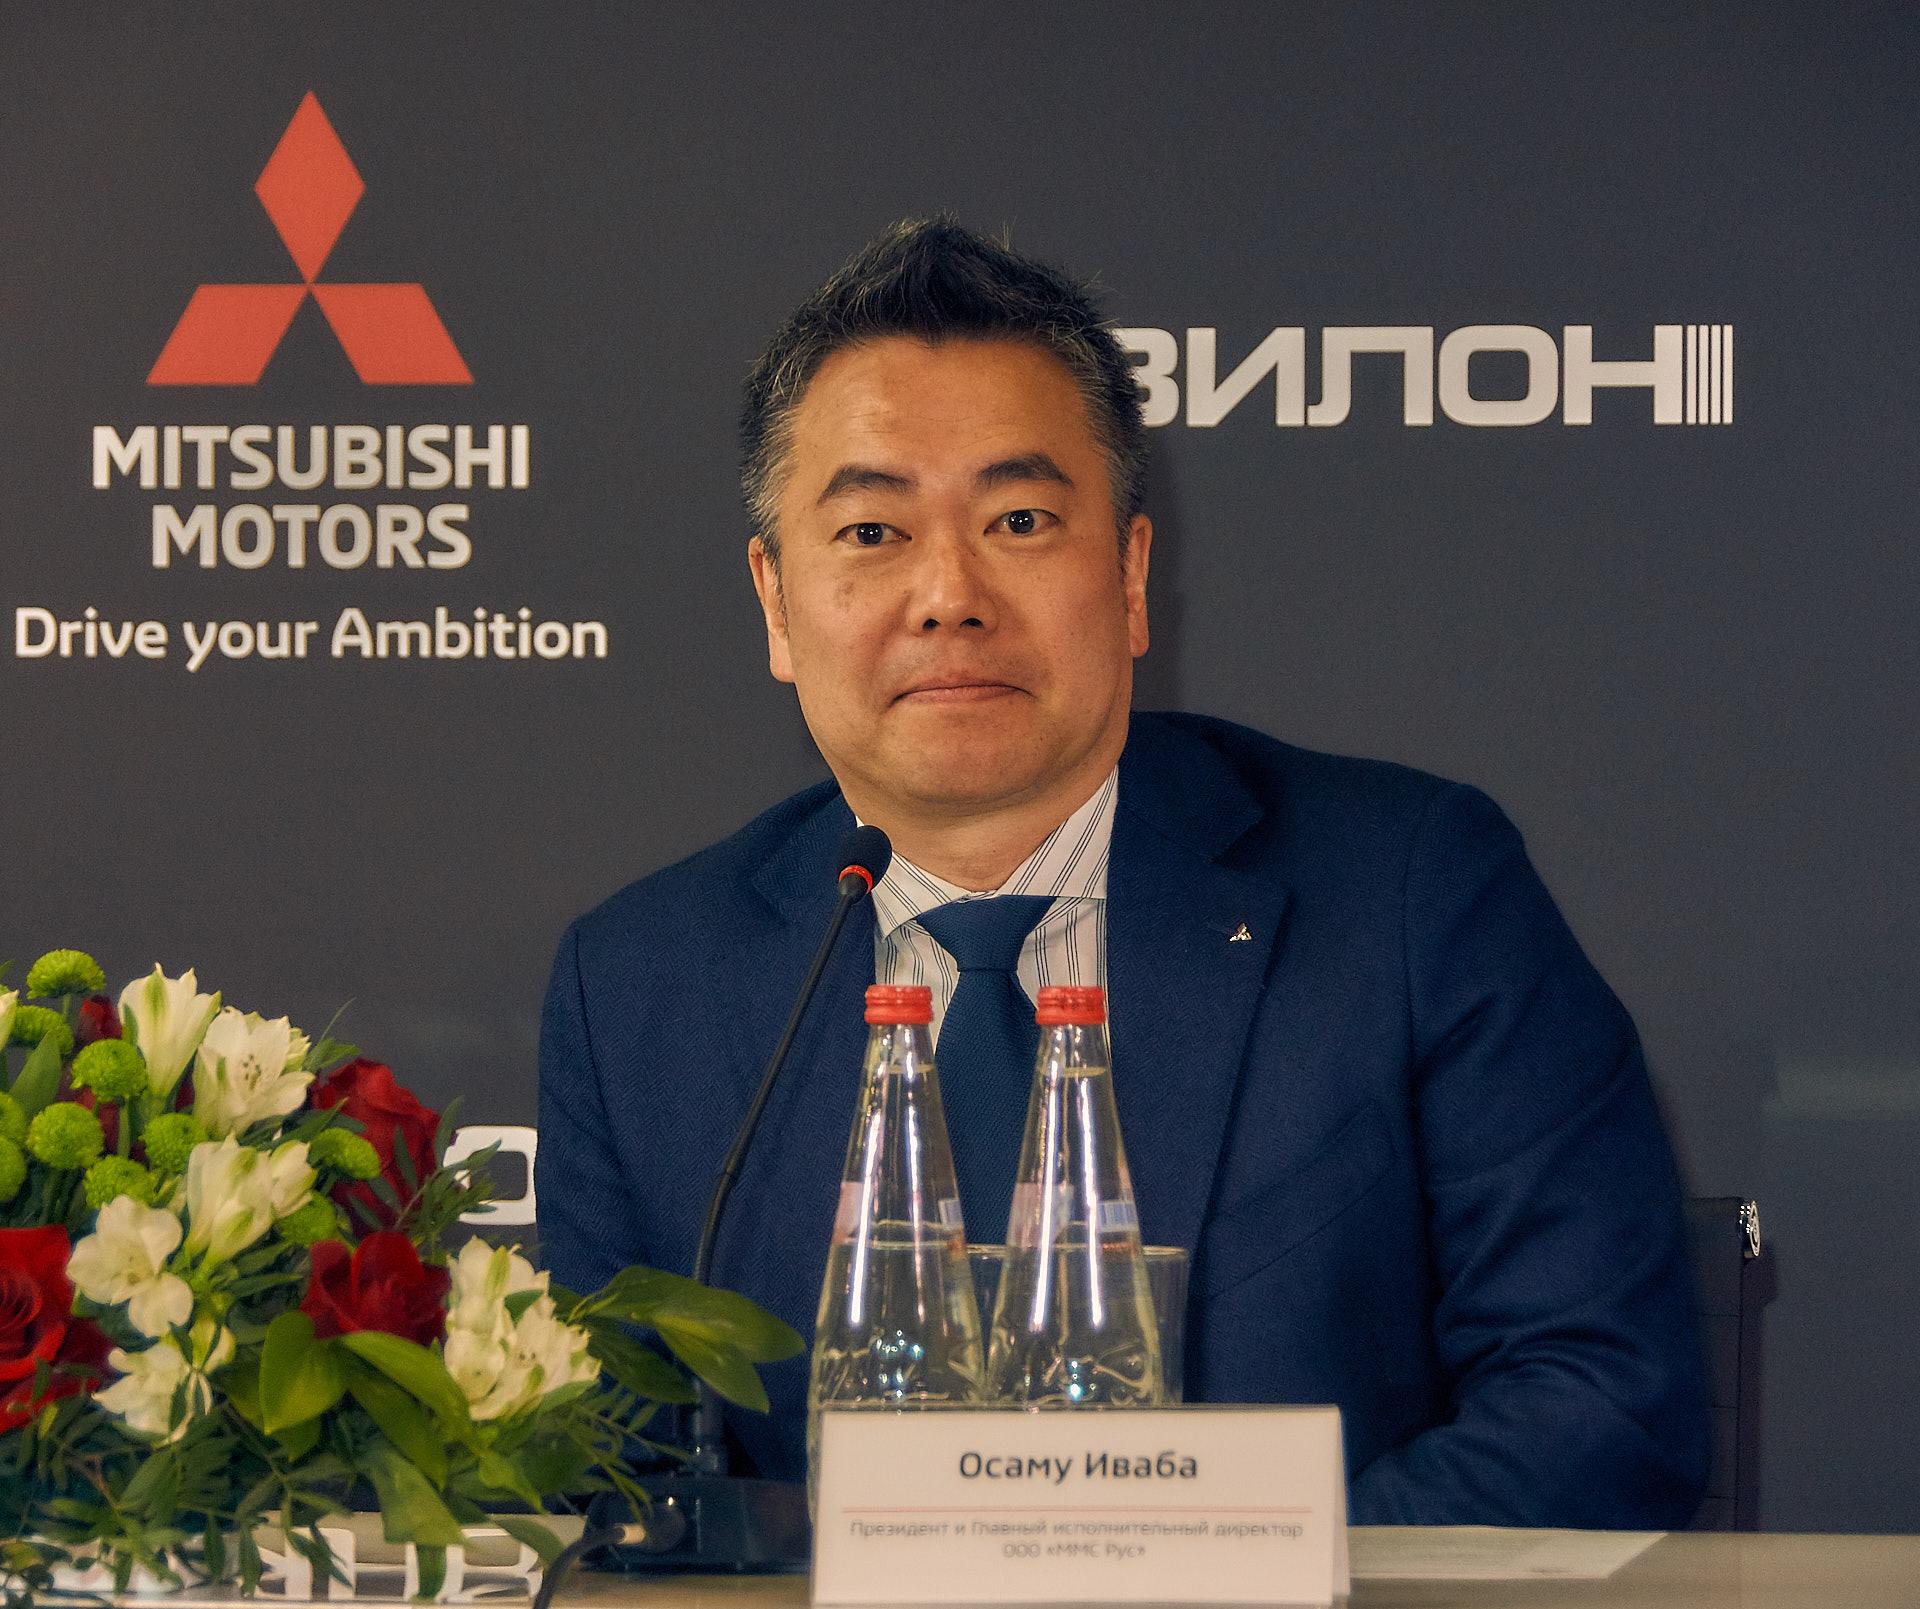 Открытие первого дилерского центр Mitsubishi Motors «АВИЛОН». Москва